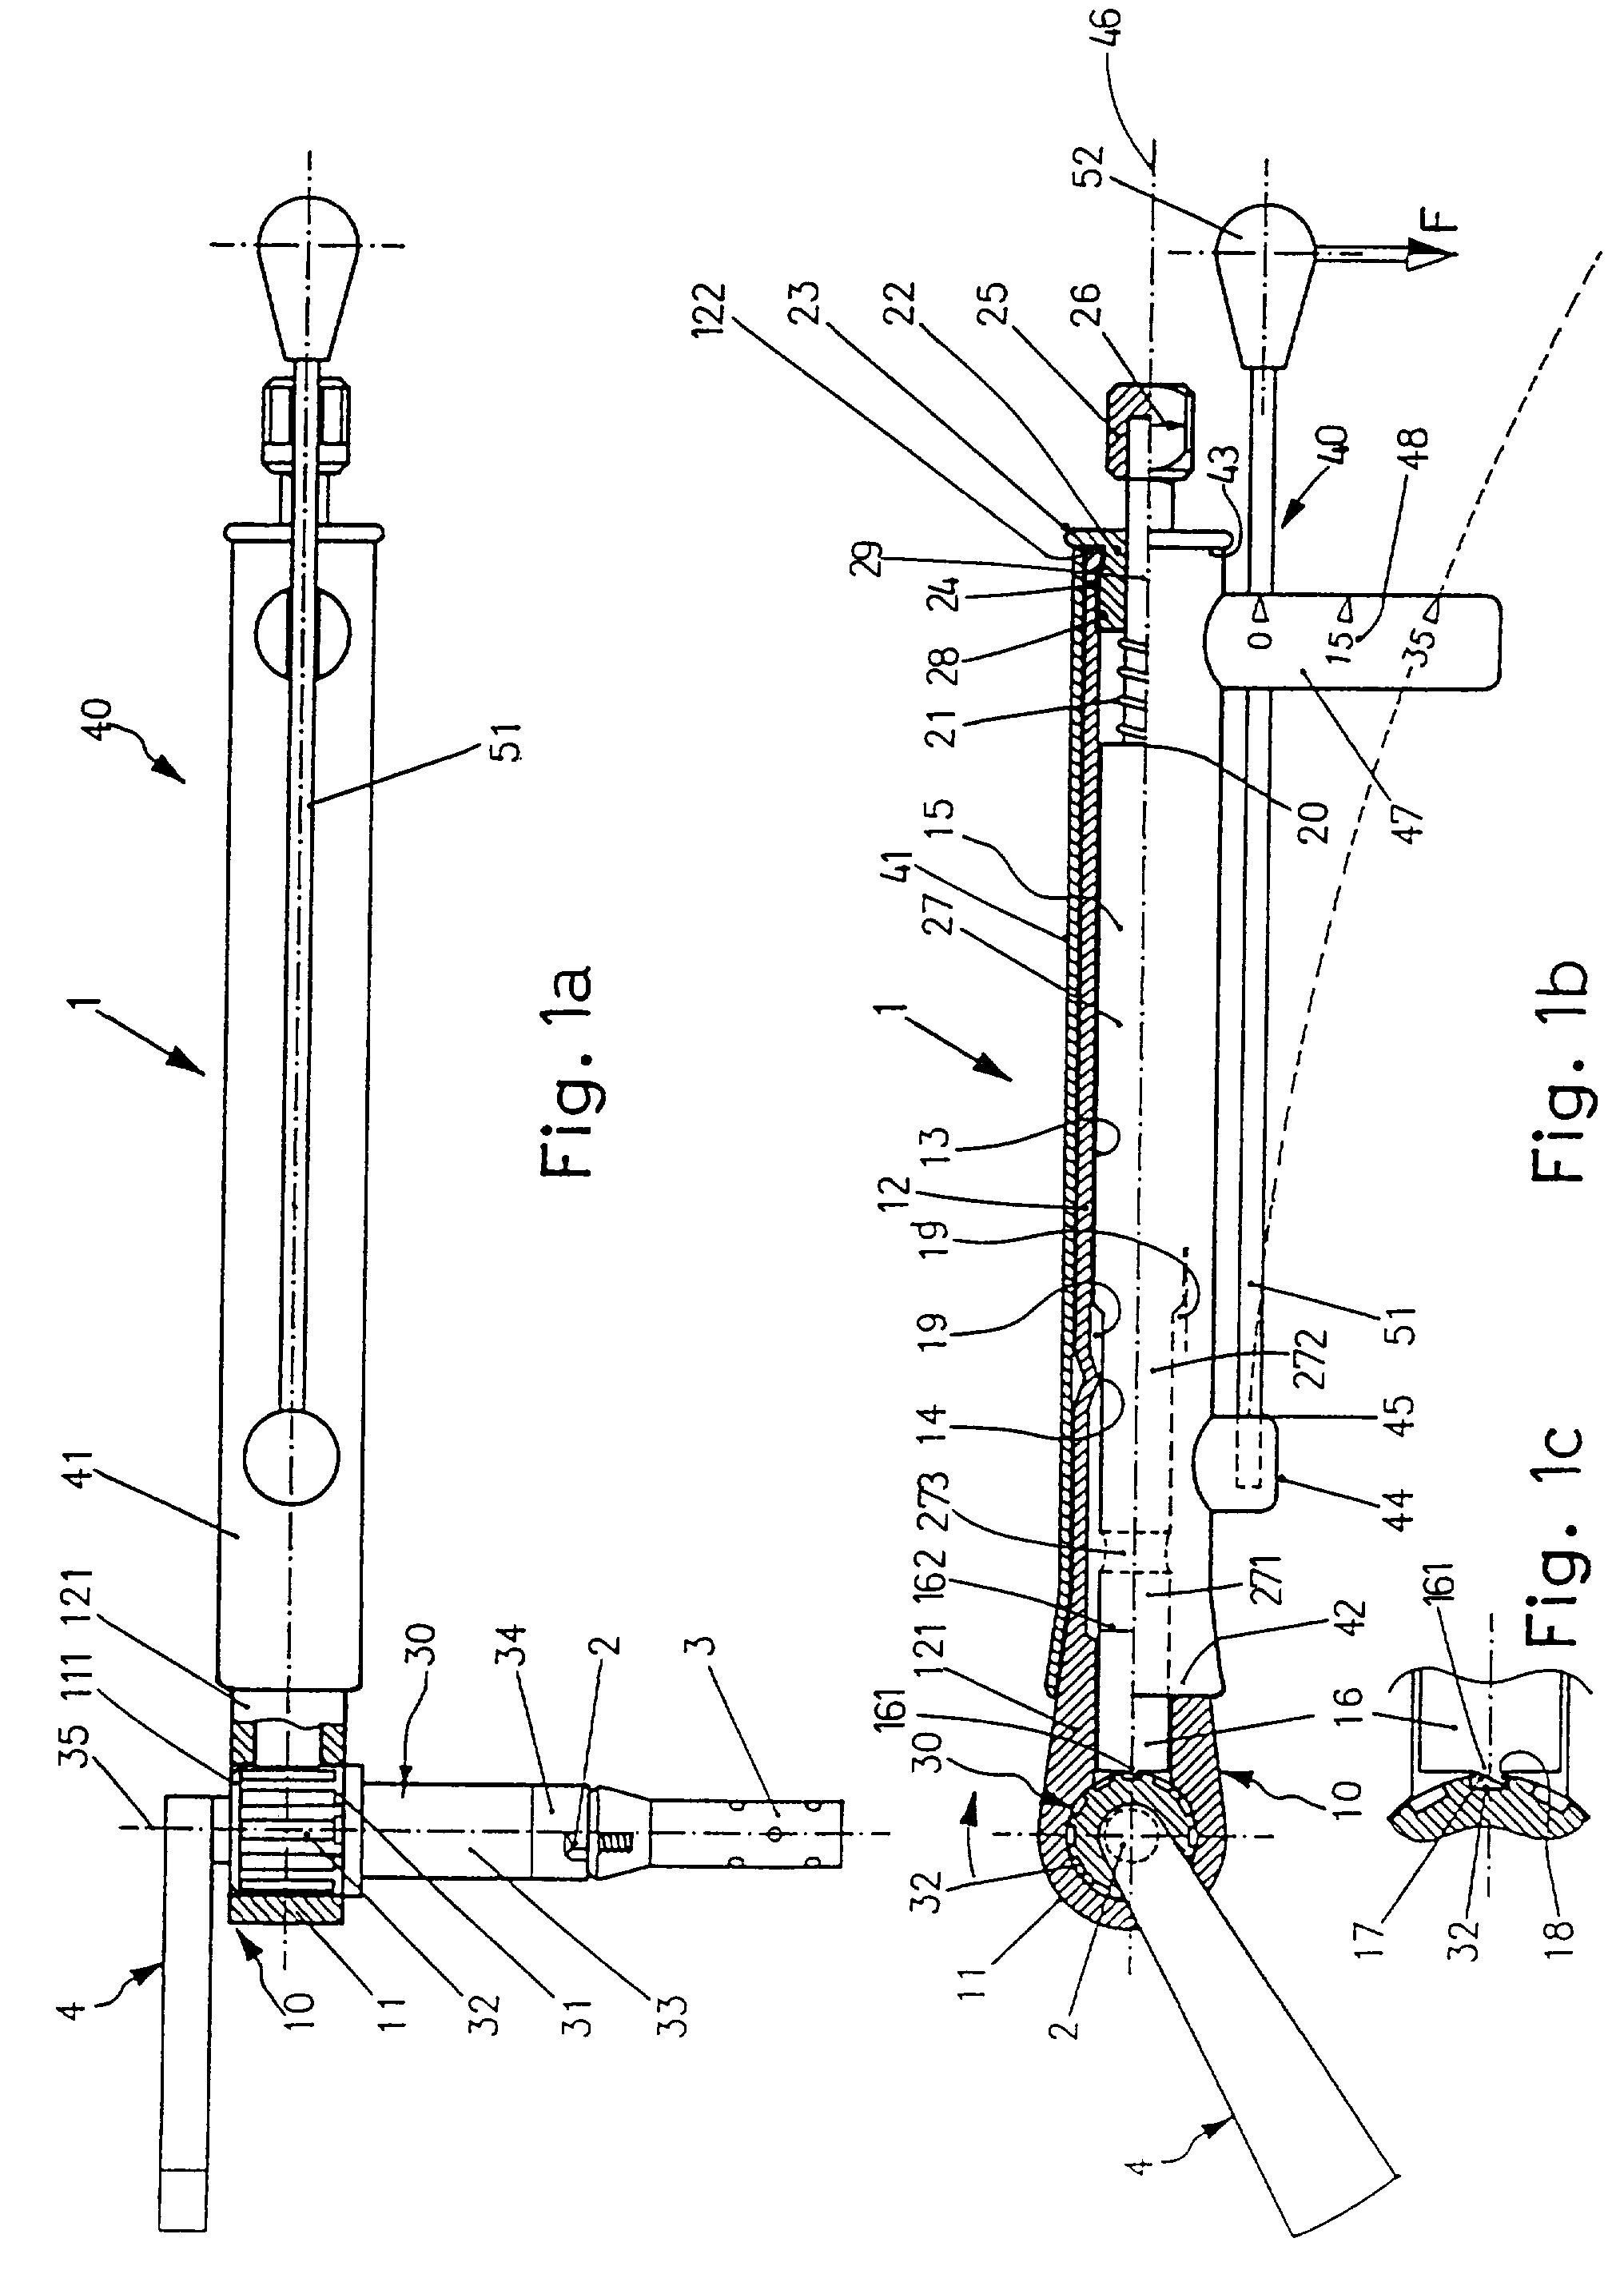 patent ep0704281a1 chirurgischer drehmomentschl ssel mit einem drehmomentindikator google. Black Bedroom Furniture Sets. Home Design Ideas